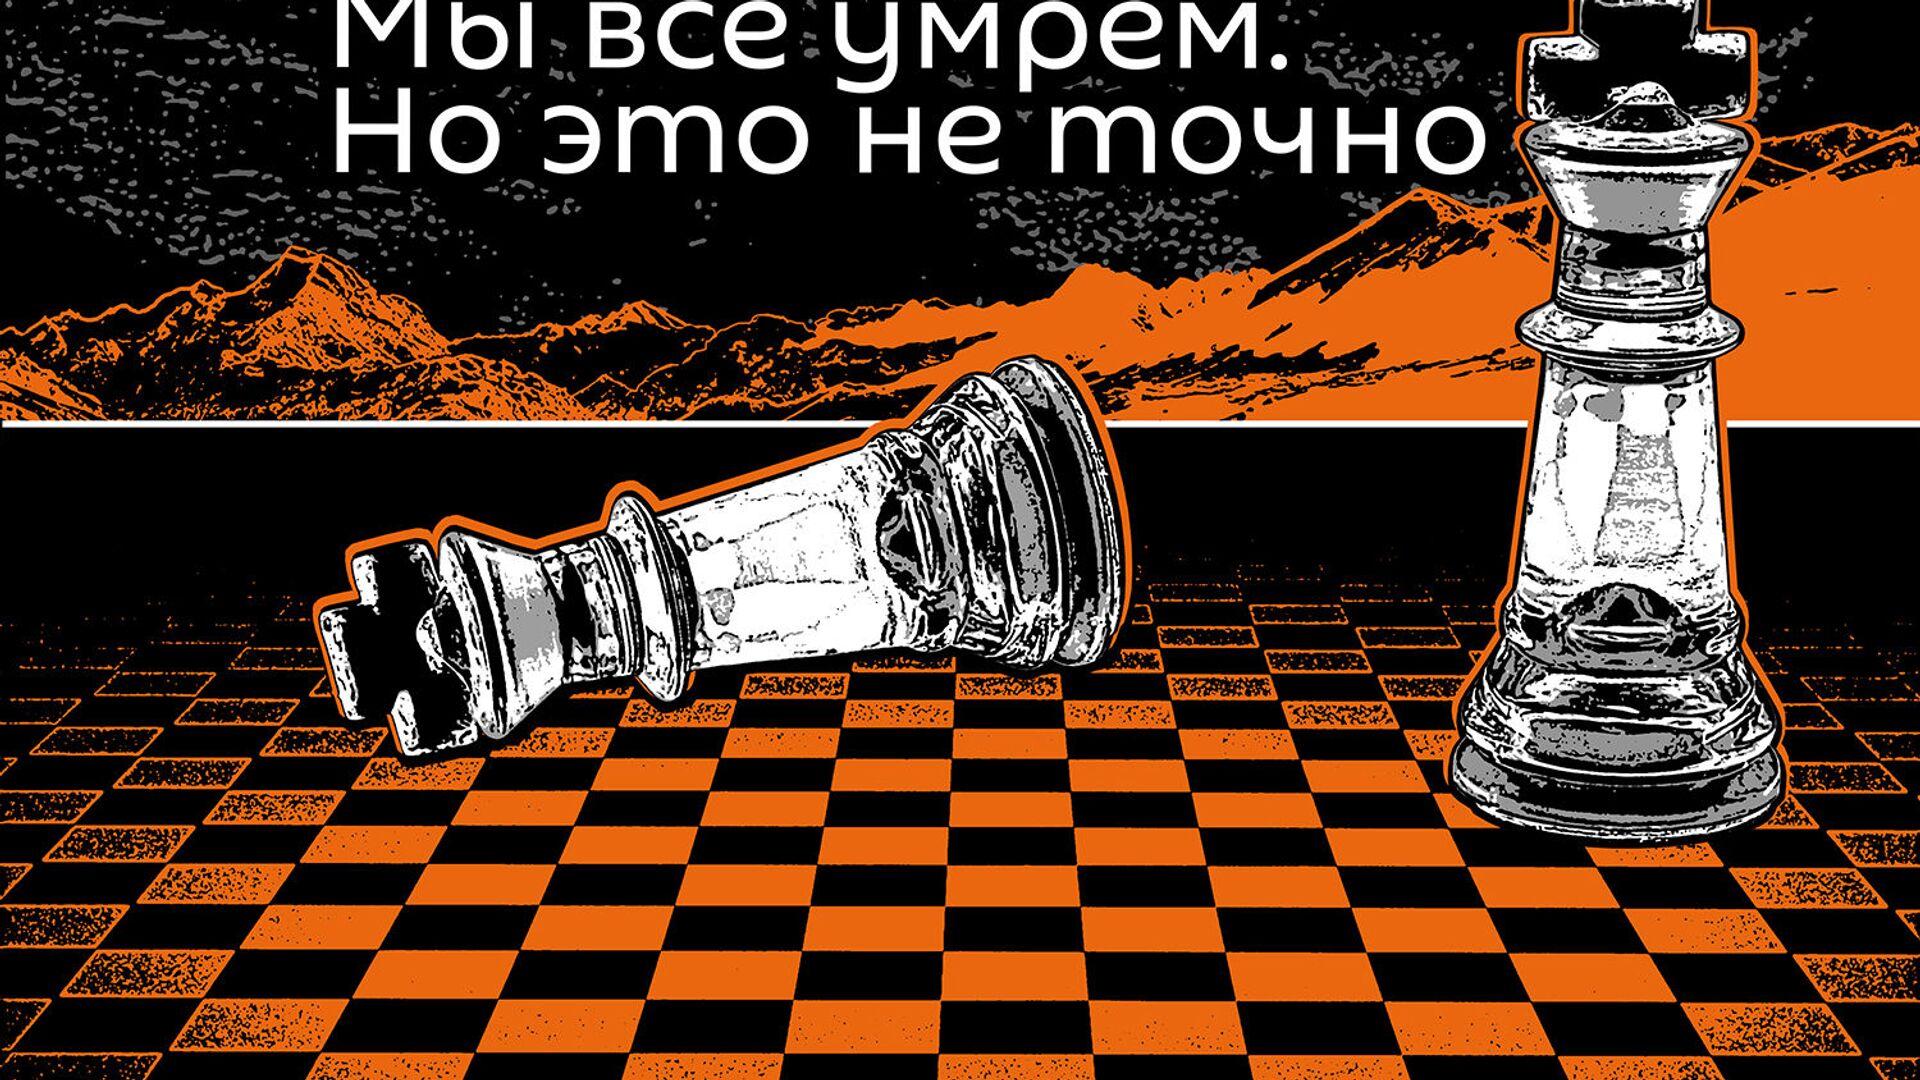 Подкасты РИА Новости Мы все умрем - Sputnik Беларусь, 1920, 20.03.2021